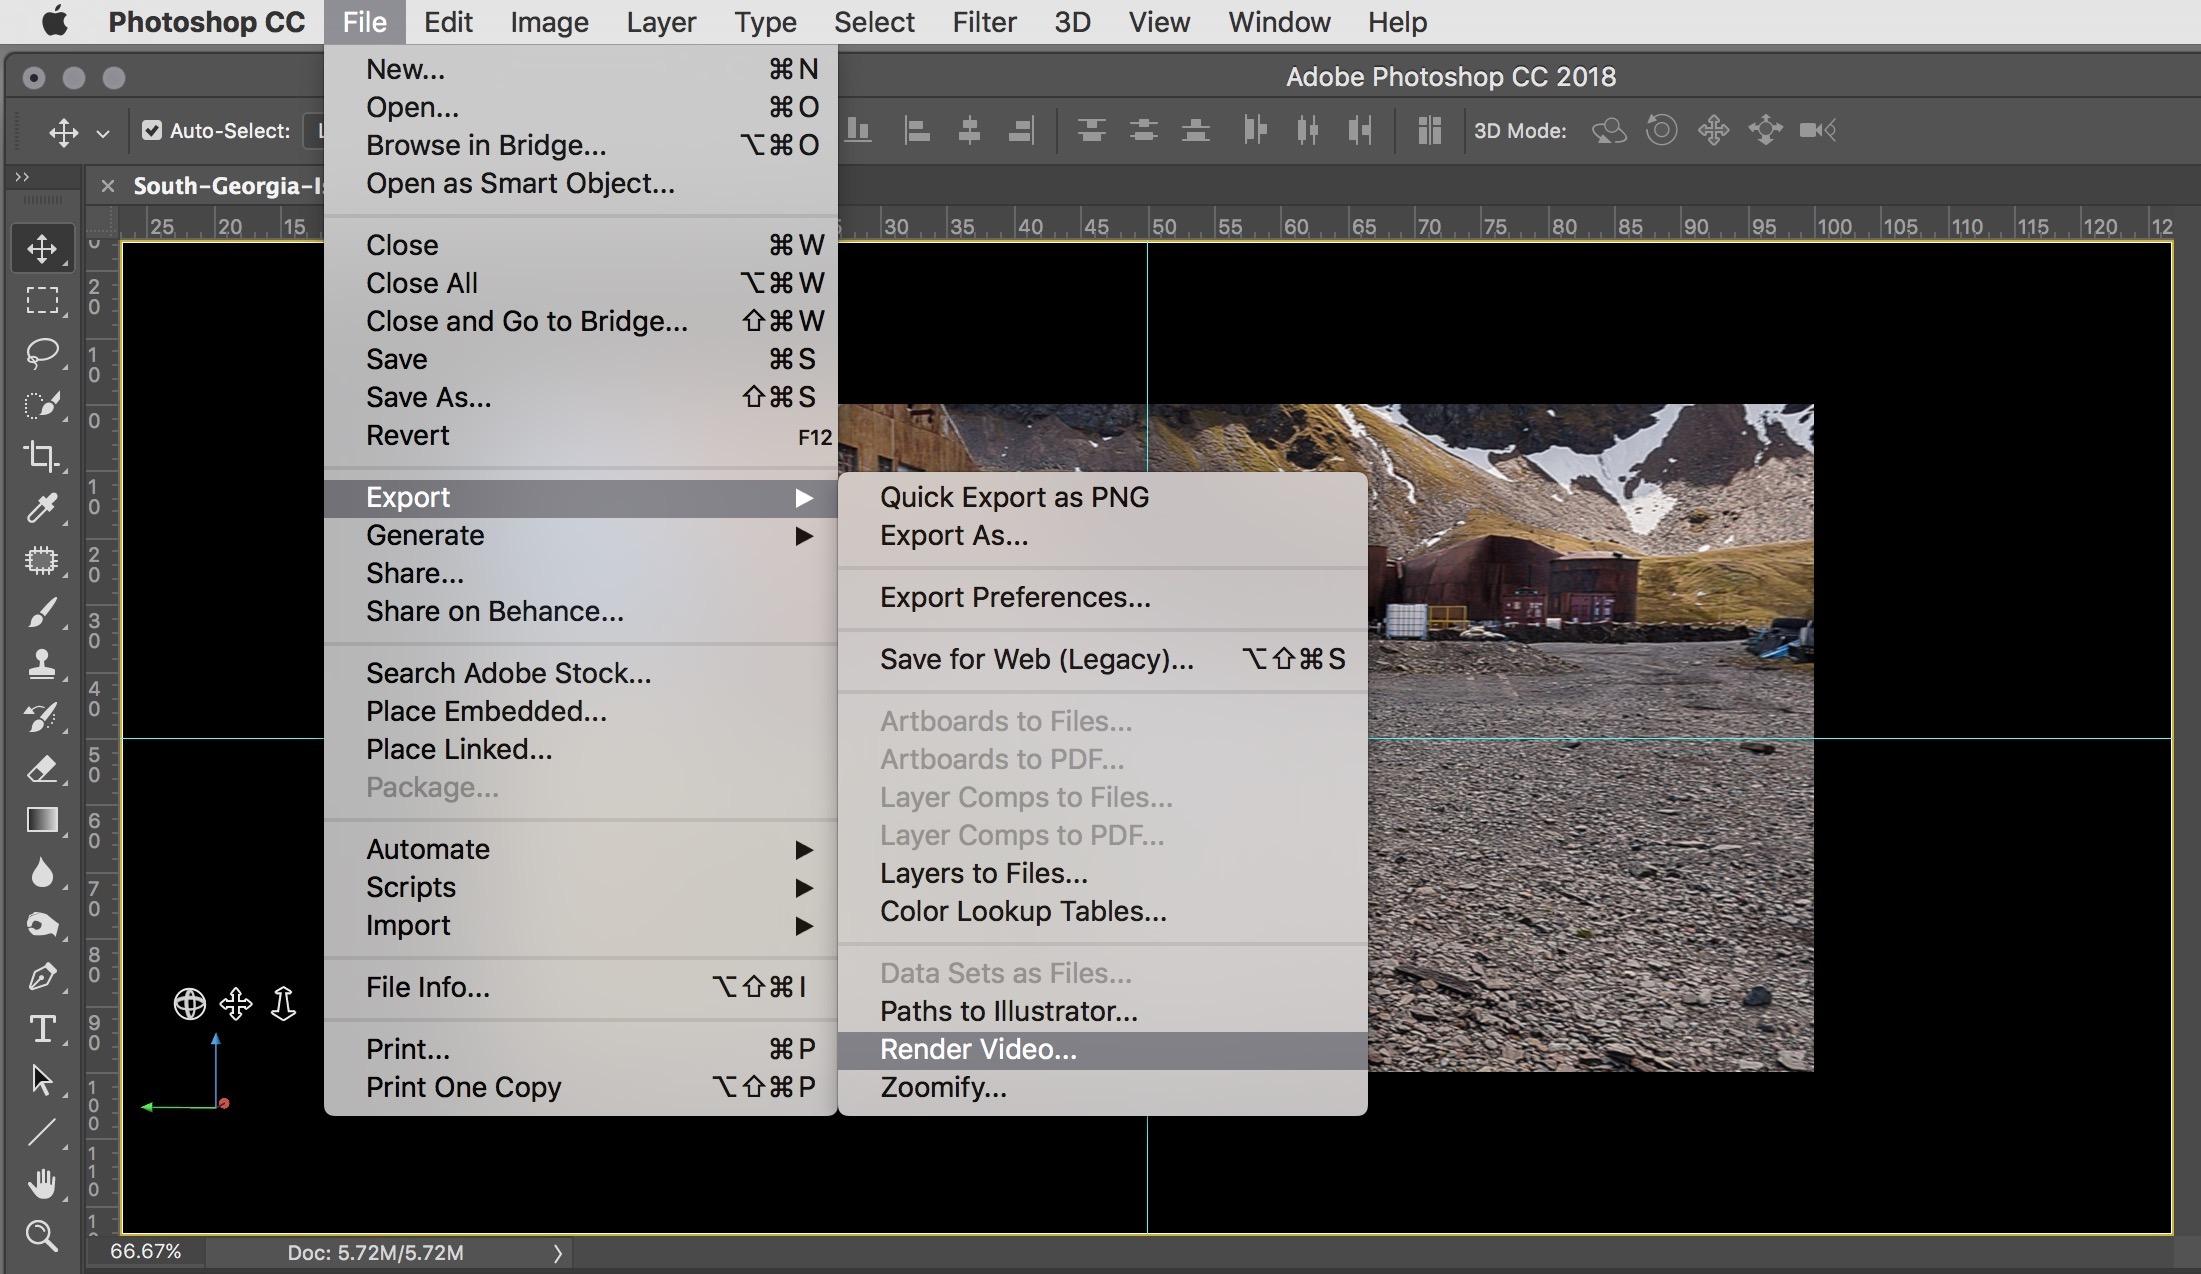 Figure #19 - Export/Render Video...